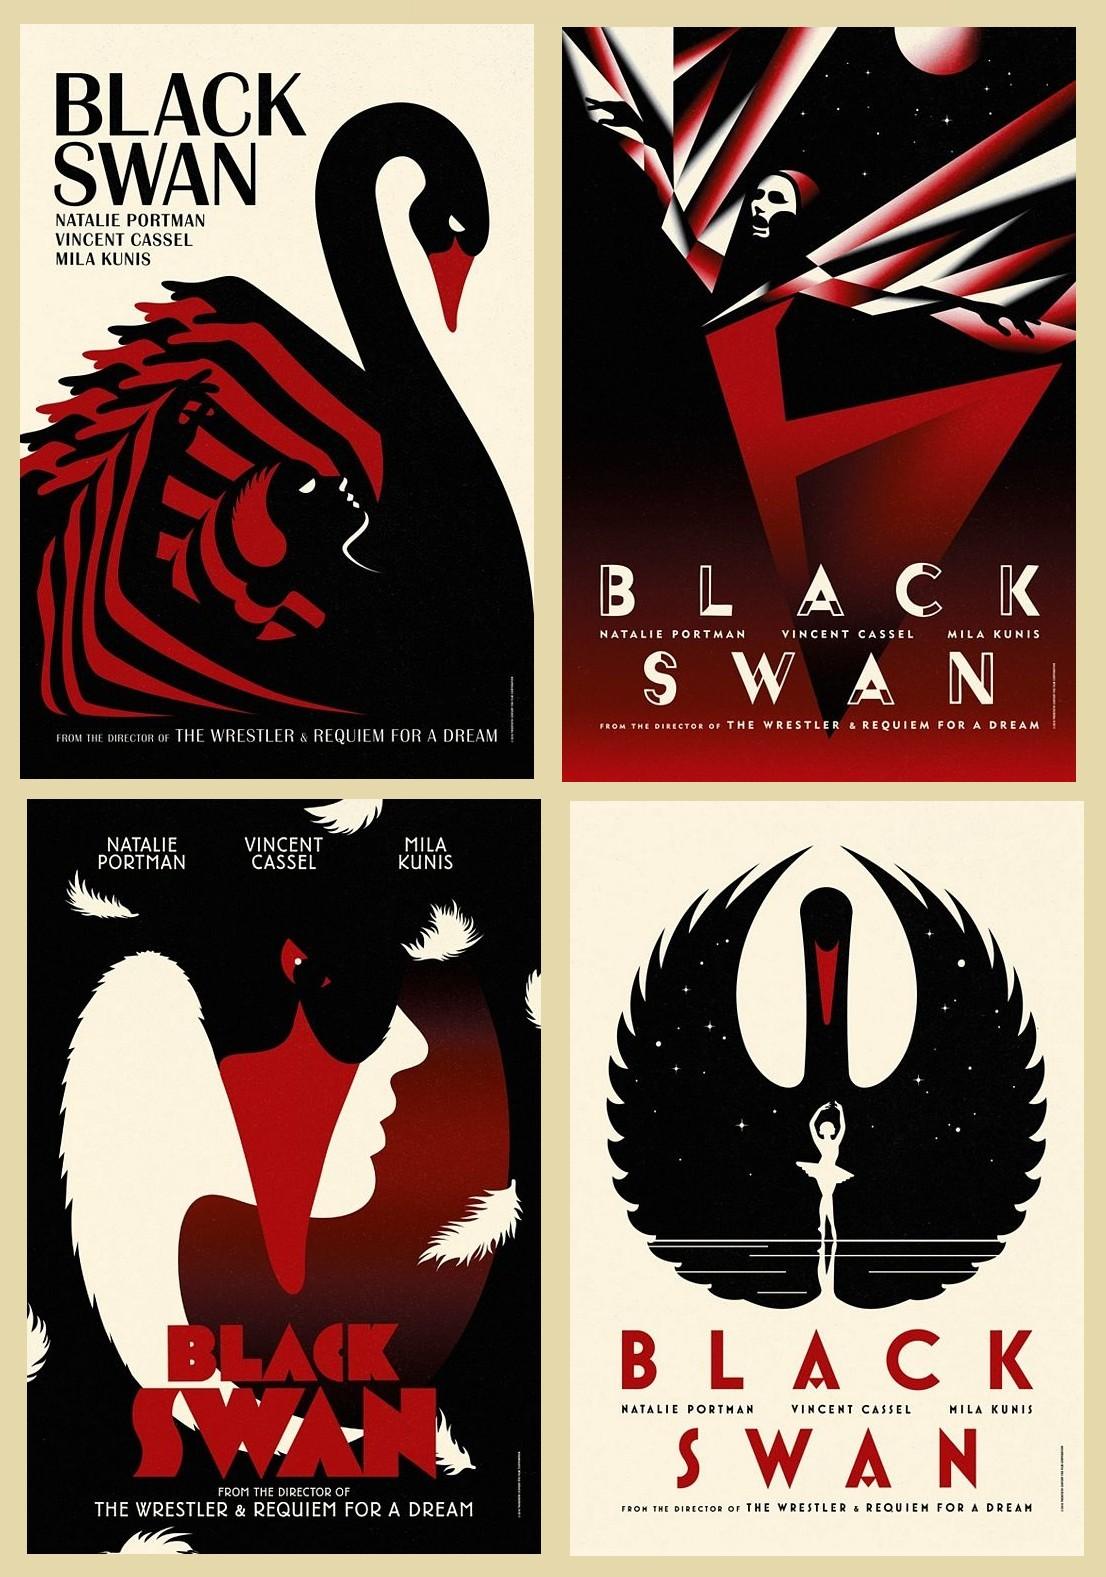 http://3.bp.blogspot.com/_O-_F30rZ2lA/TSi4fEP1e3I/AAAAAAAAC6Y/Dg2tFMFurtA/s1600/black+swan+posters+2.jpg